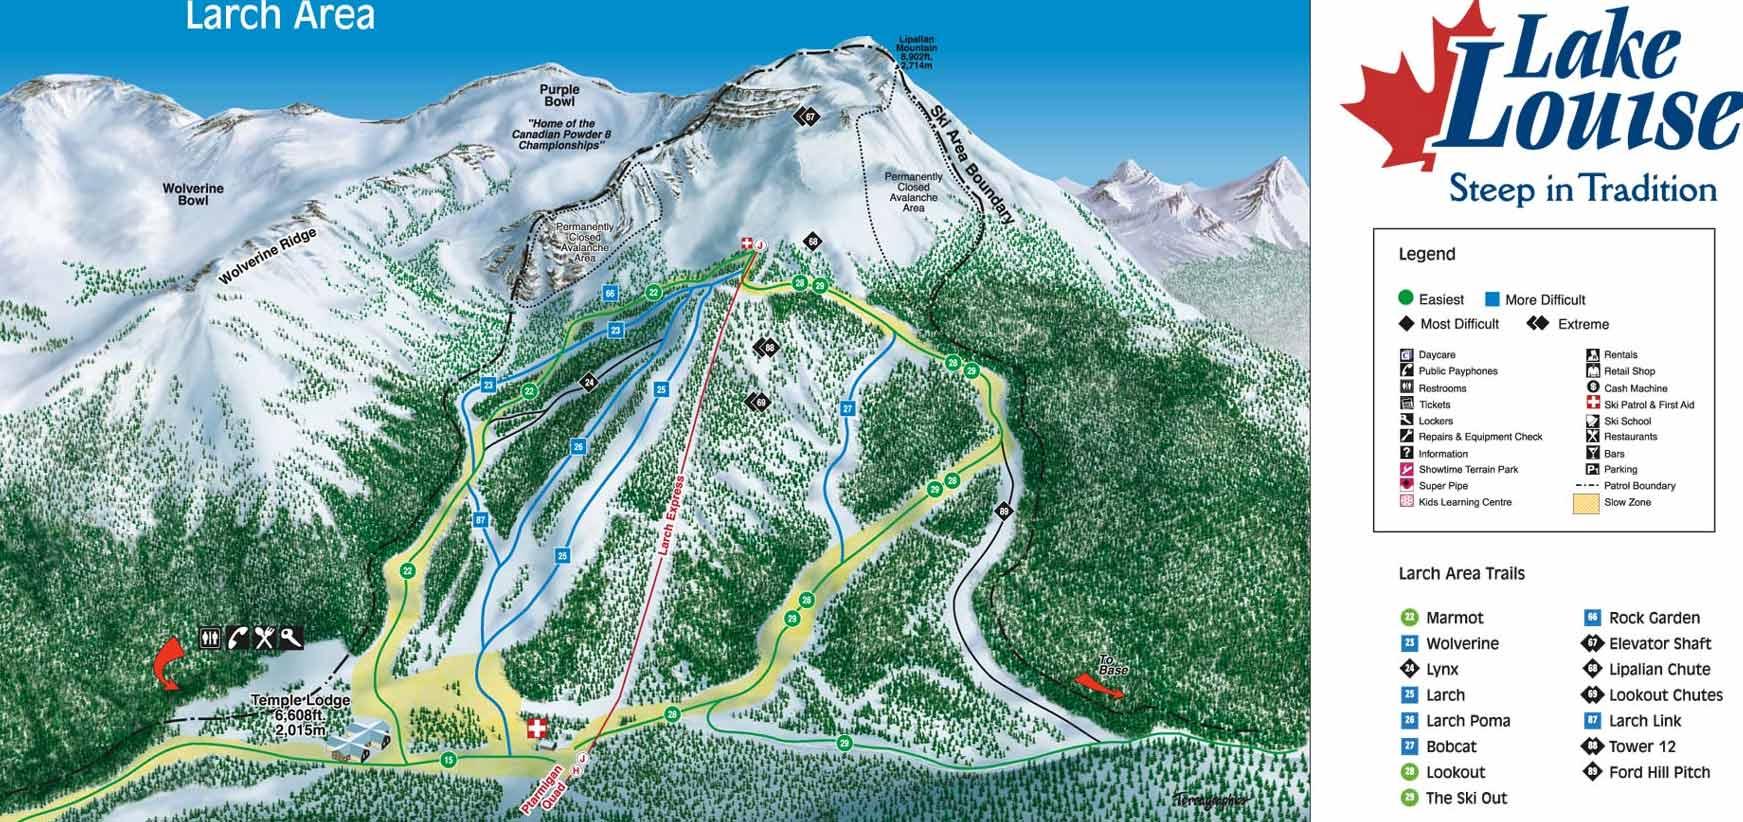 Lake Louise Ski Resort trail map, Lake Louise Ski Resort ski map ...